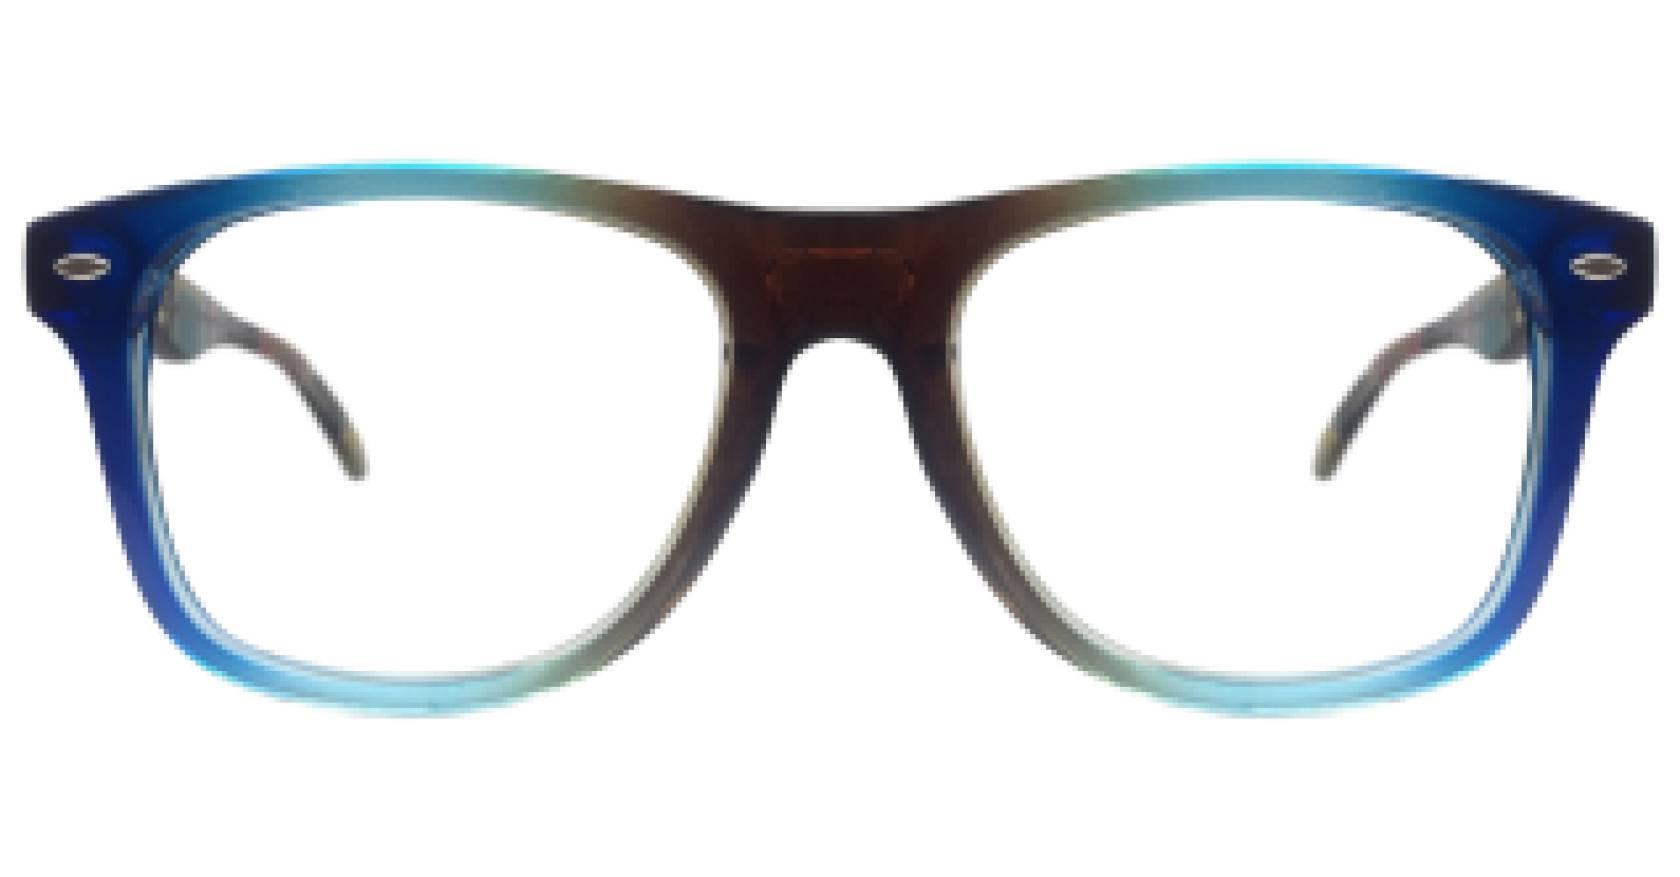 imagen miniatura frontal de la referencia 1001022